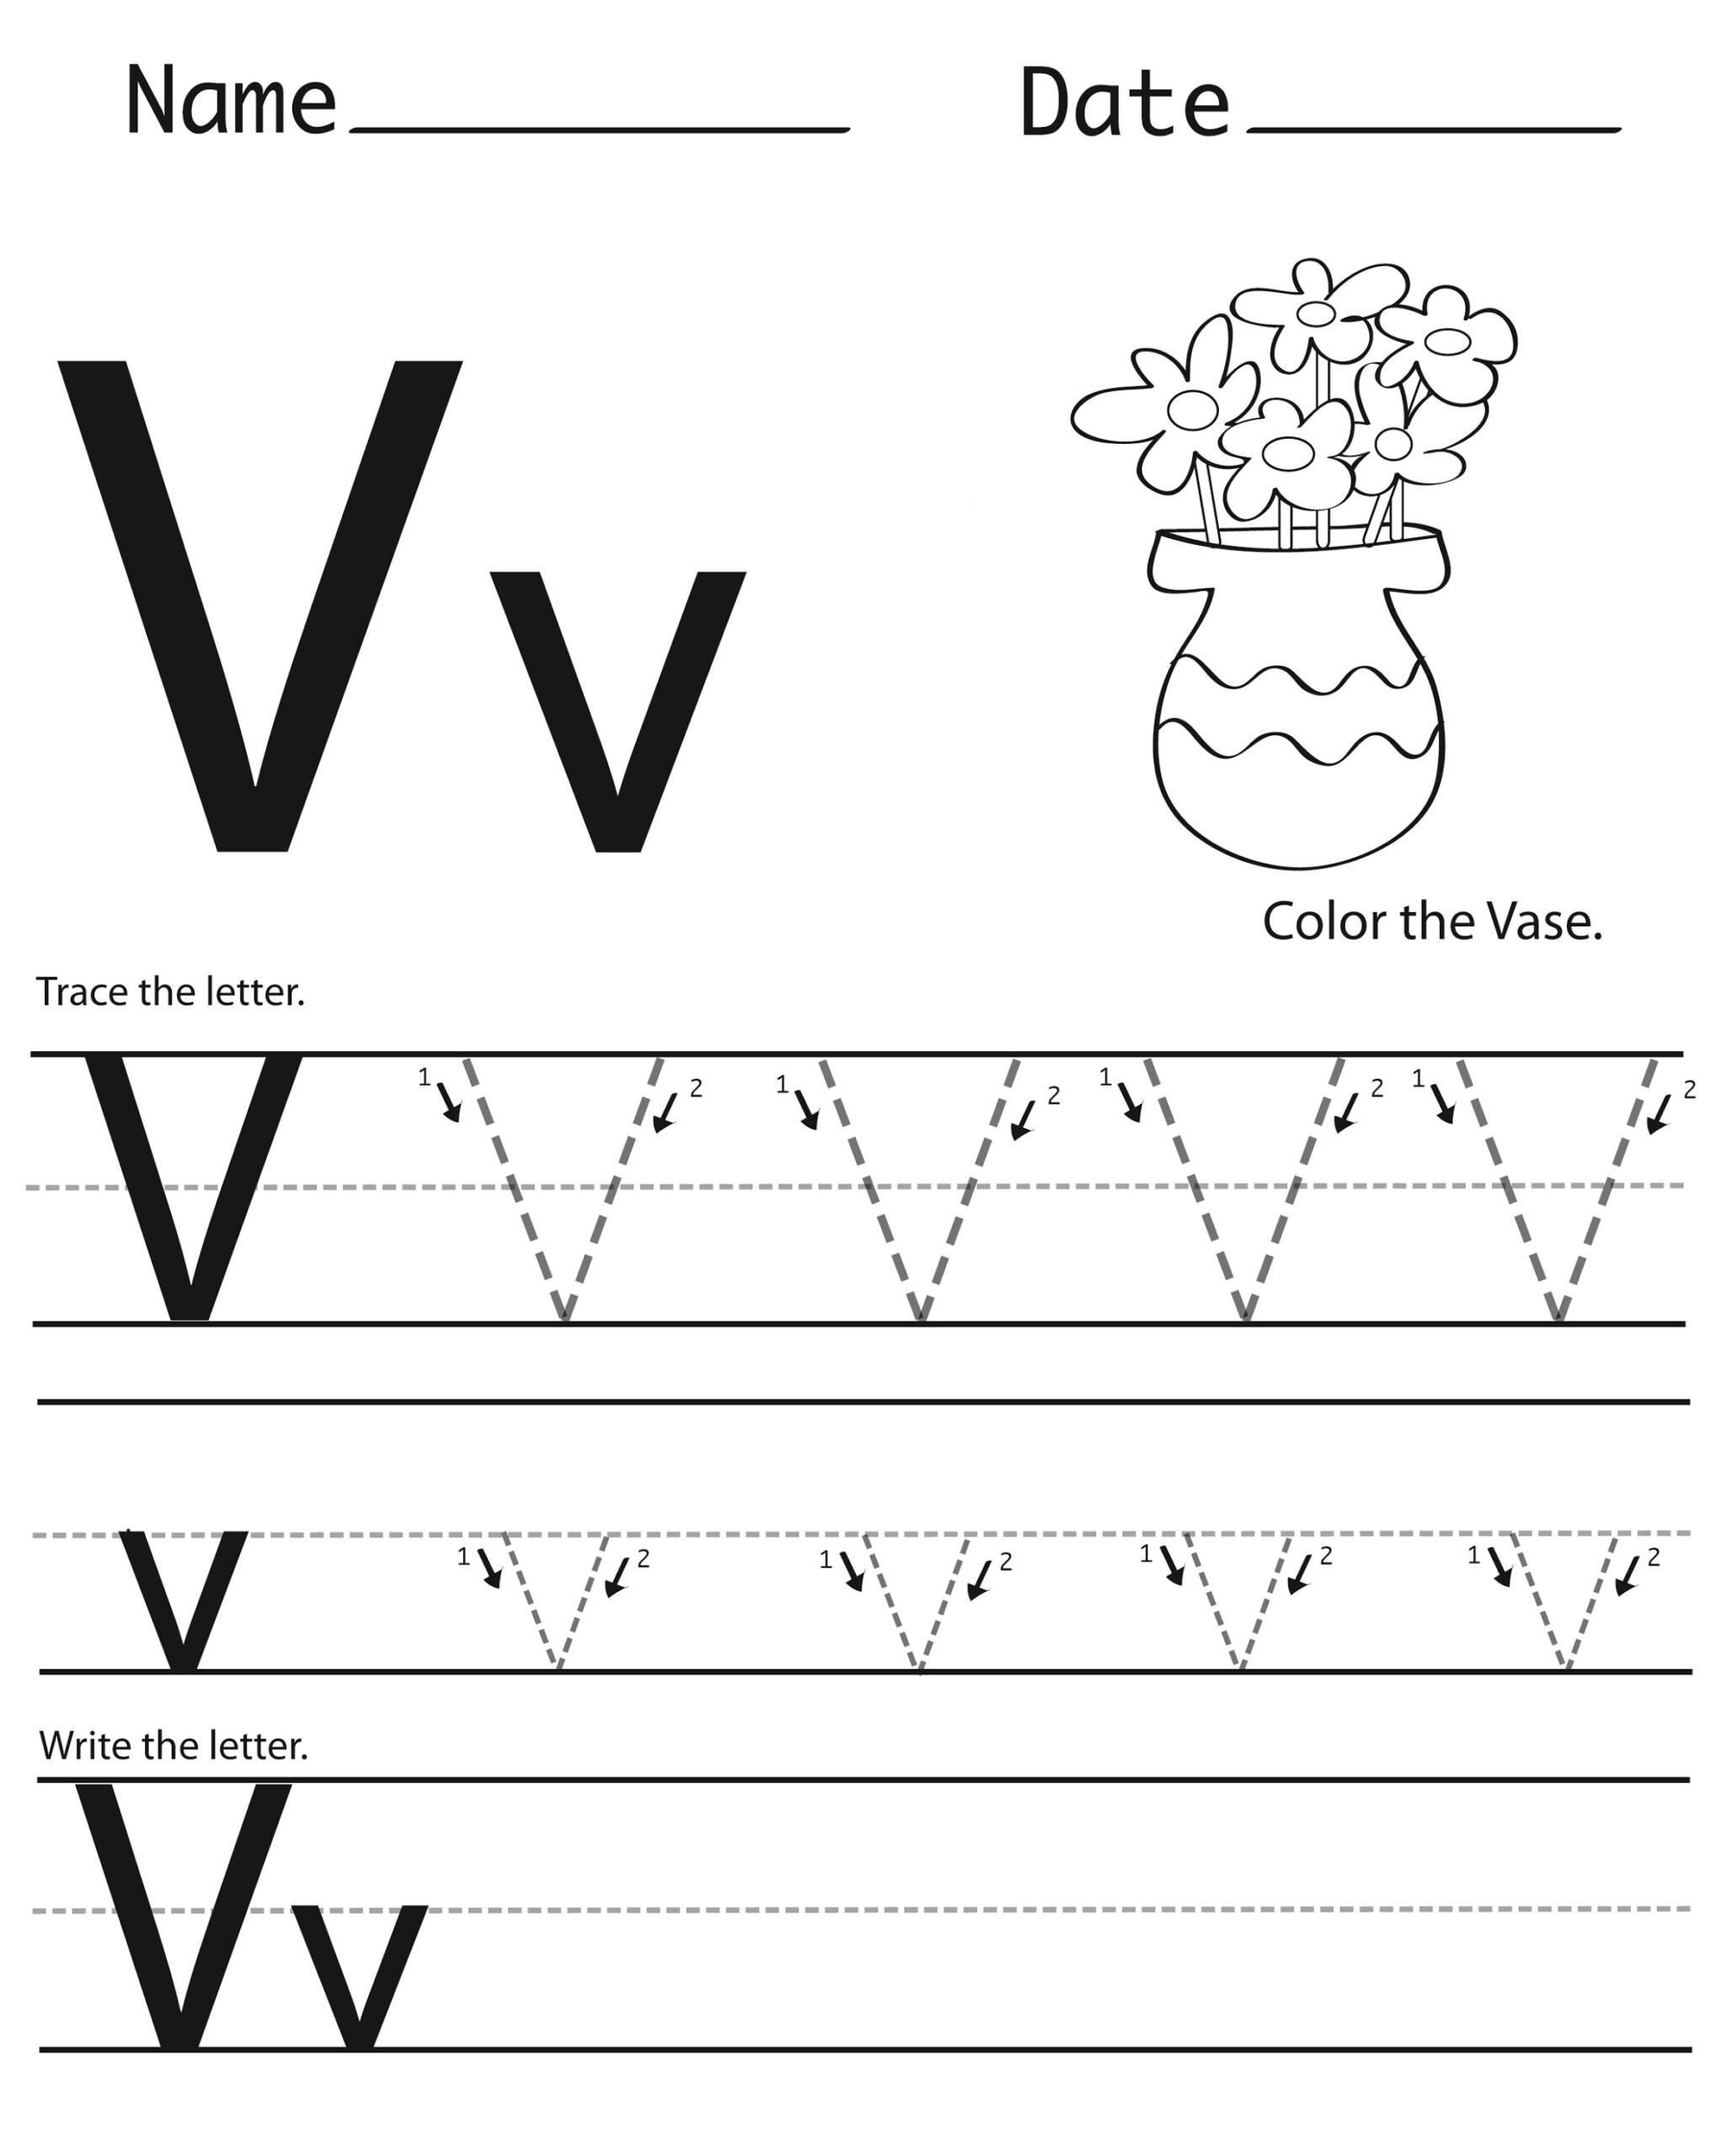 Letter V Worksheets To Print | Activity Shelter